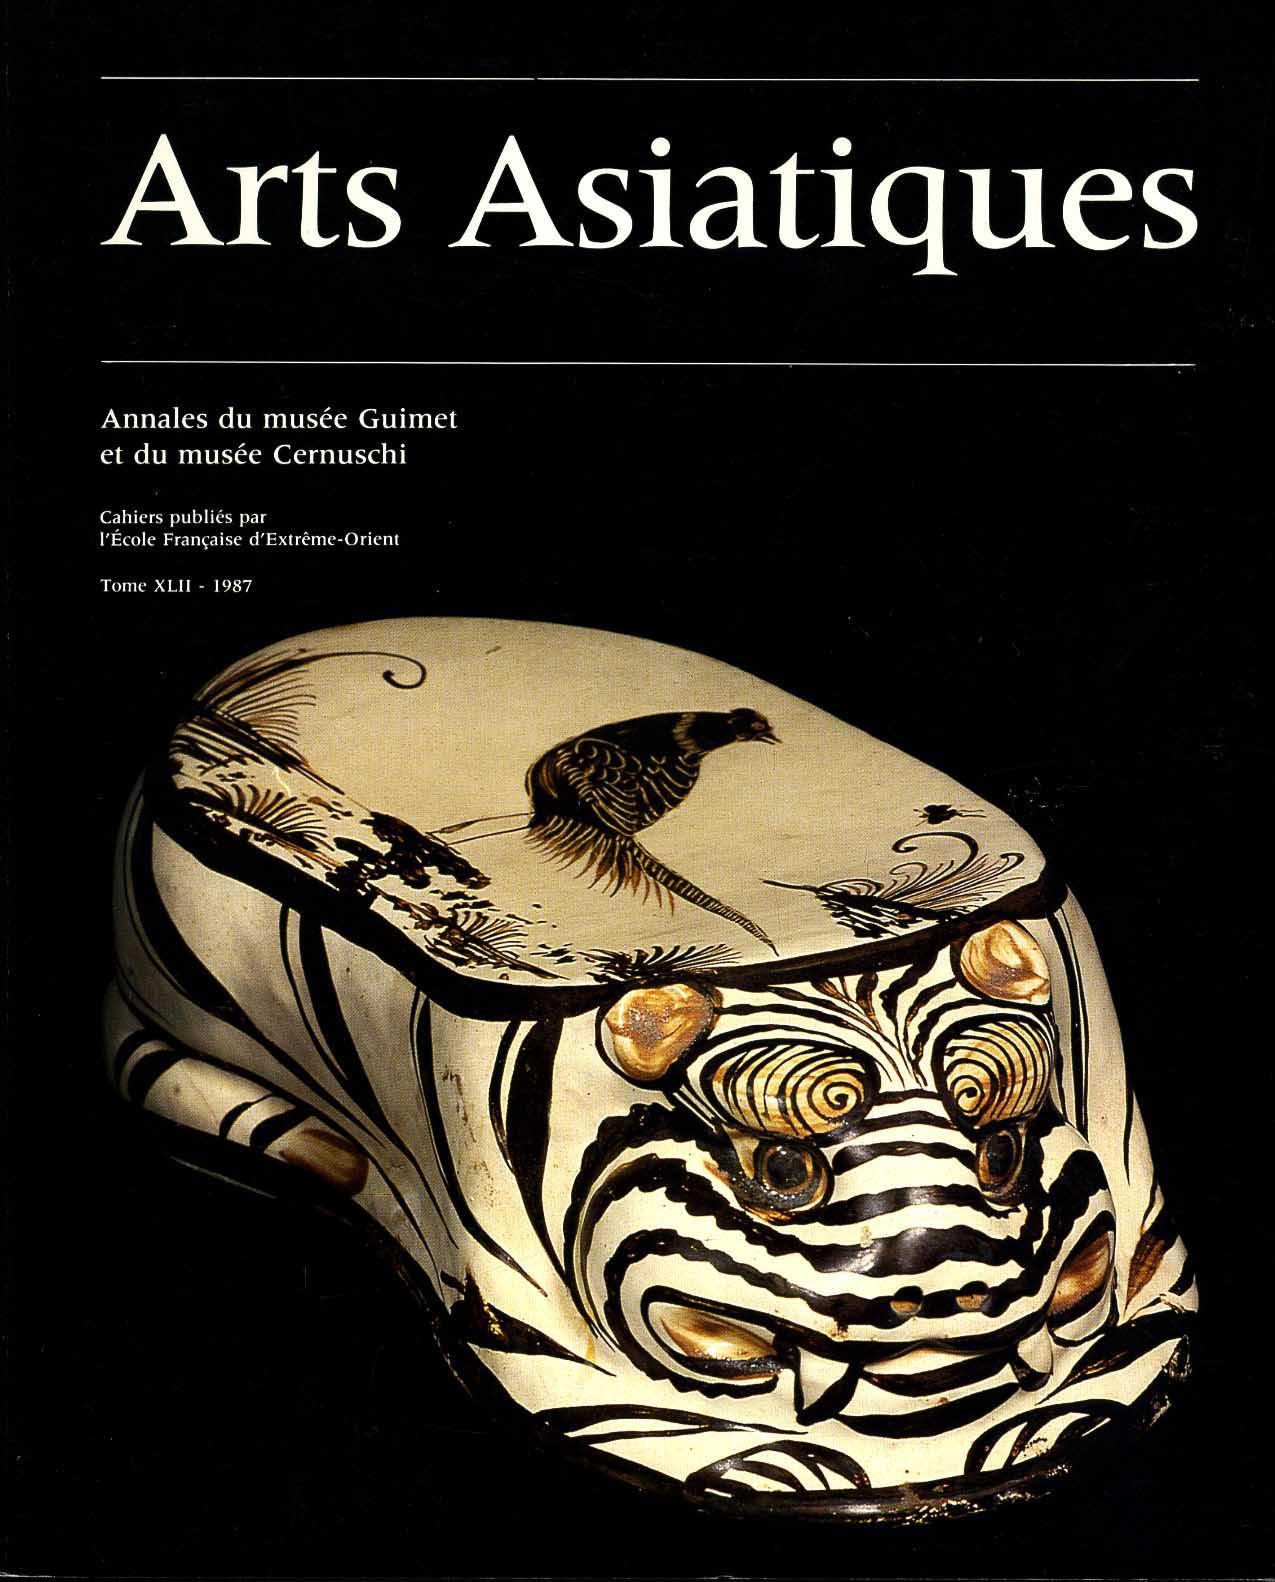 Arts Asiatiques 42 (1987)